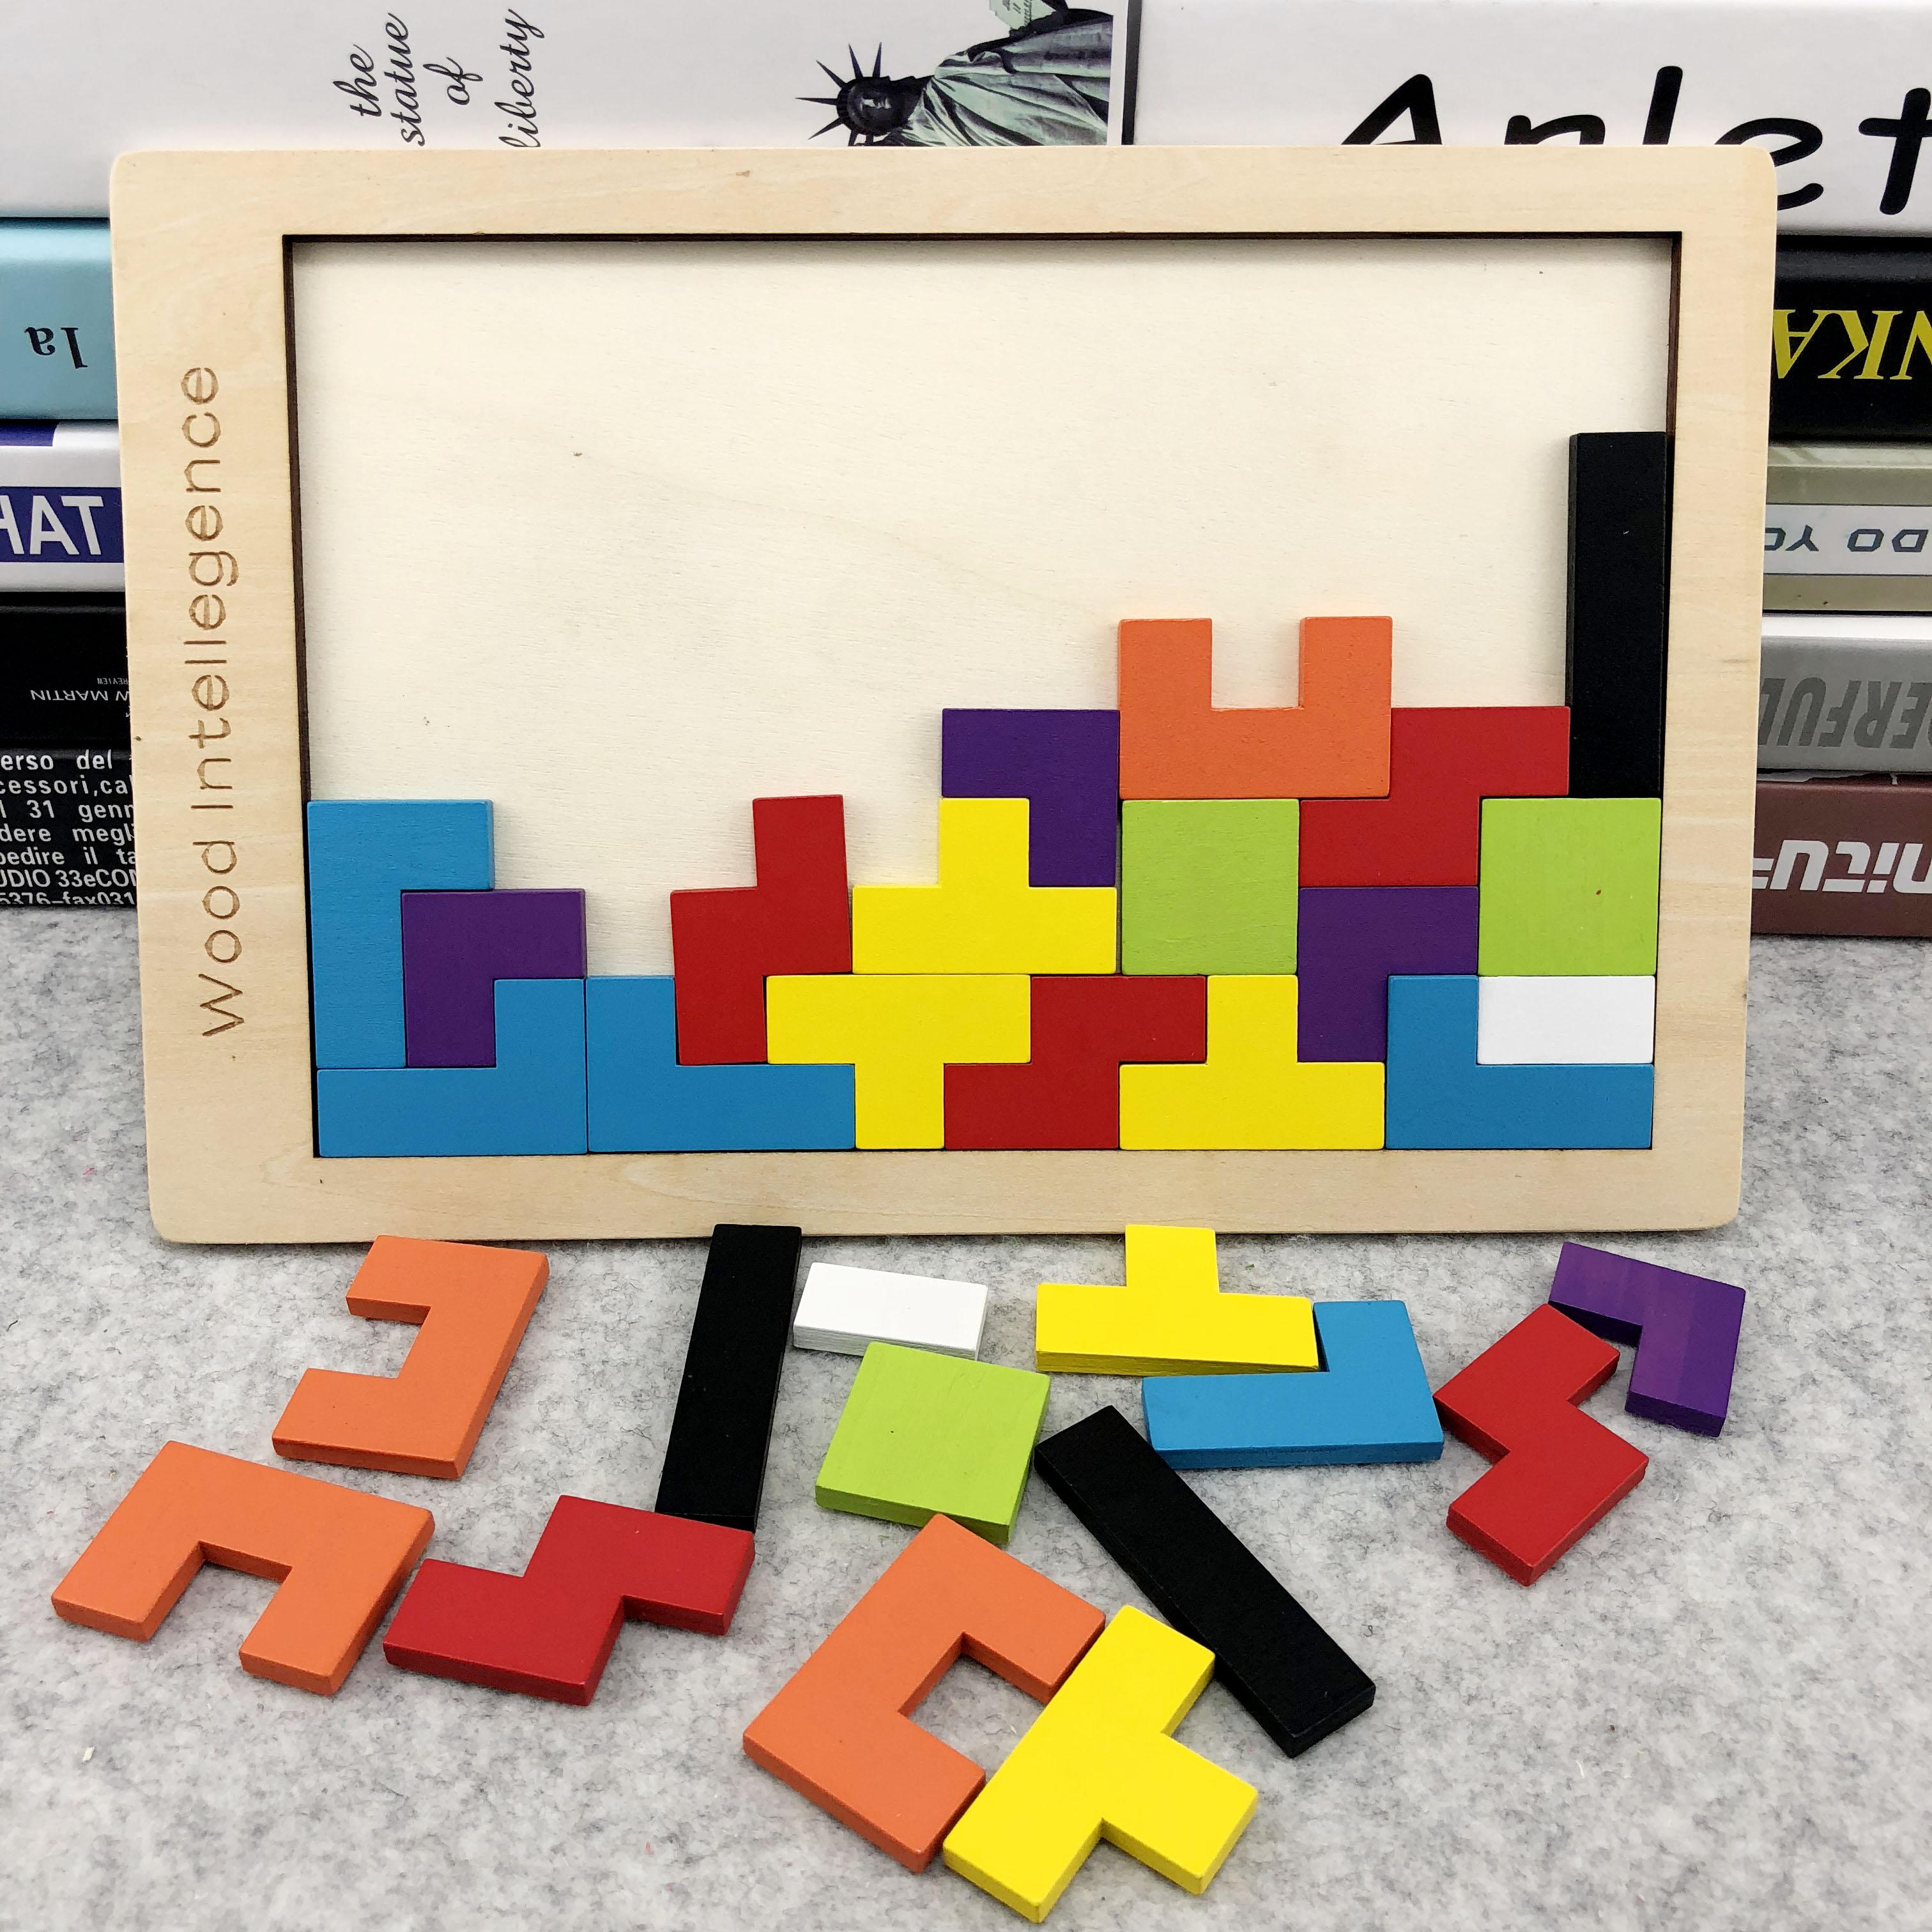 周岁幼儿童俄罗斯方块拼图积木益智力开发玩具早教男女孩 1-2-3-6图片